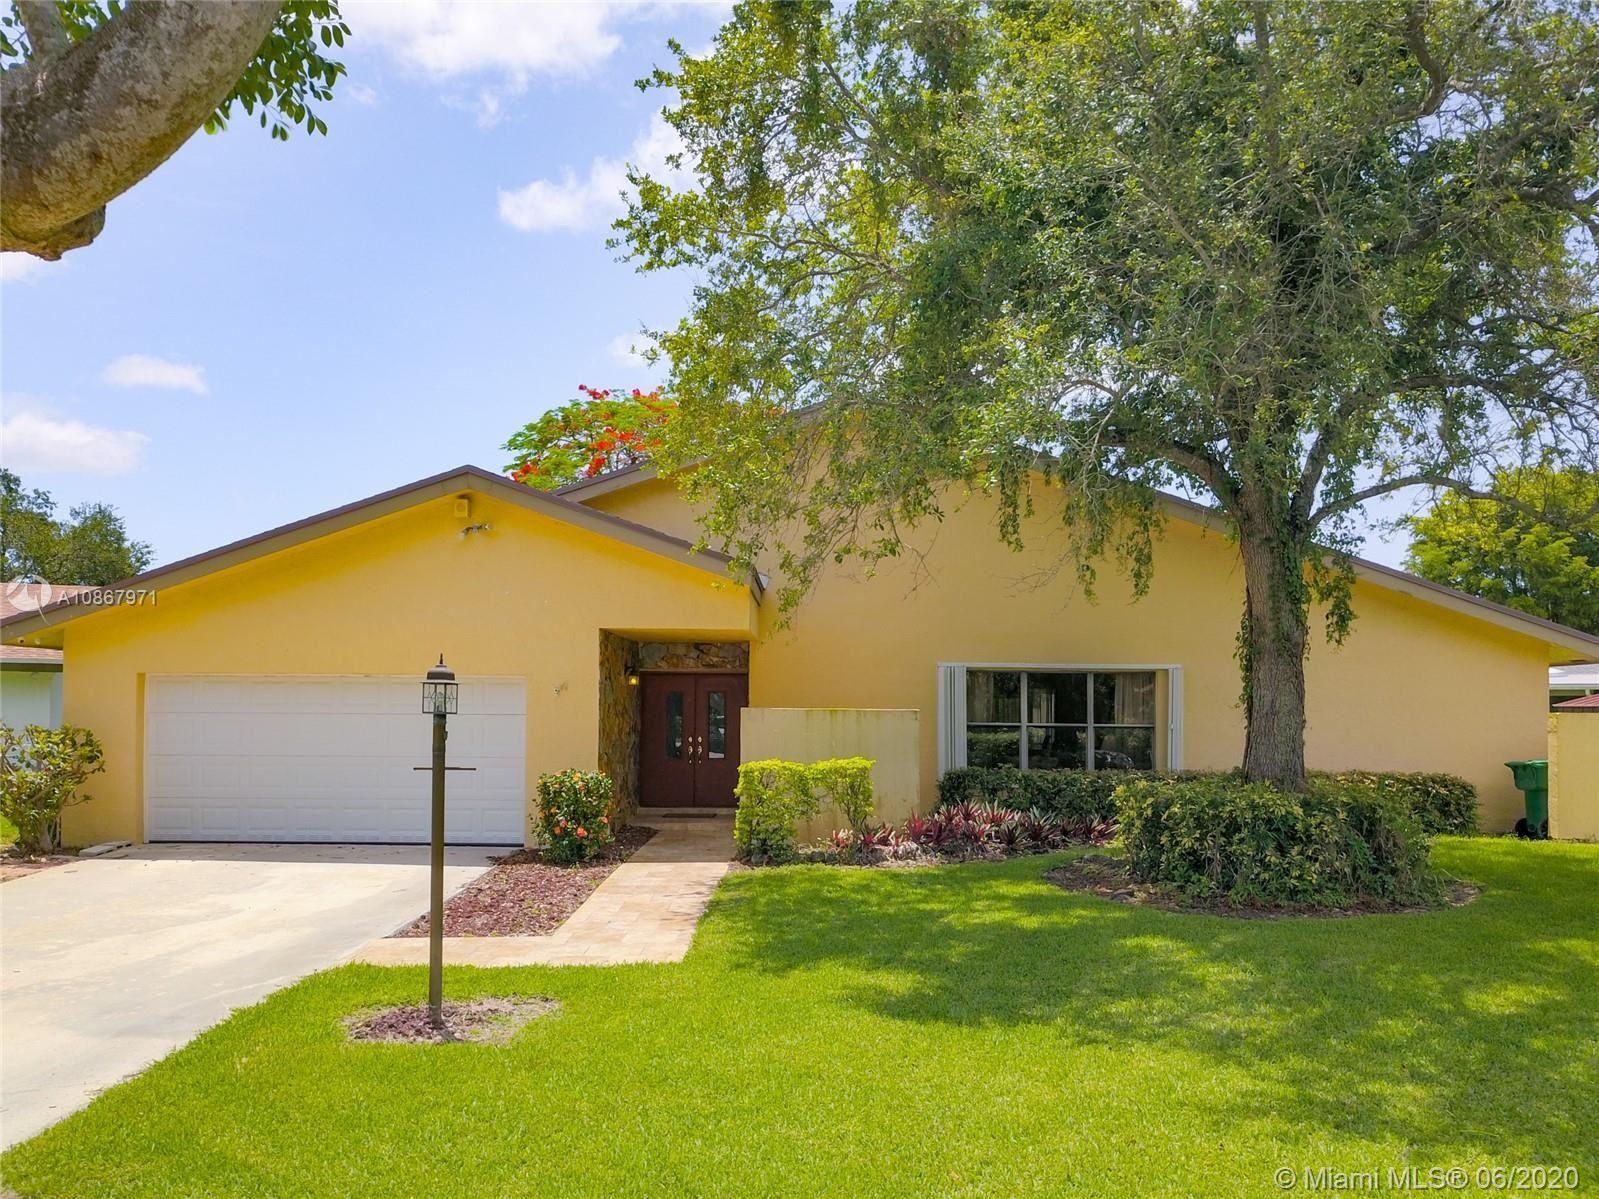 11620 SW 104th St, Miami, FL 33176 - #: A10867971